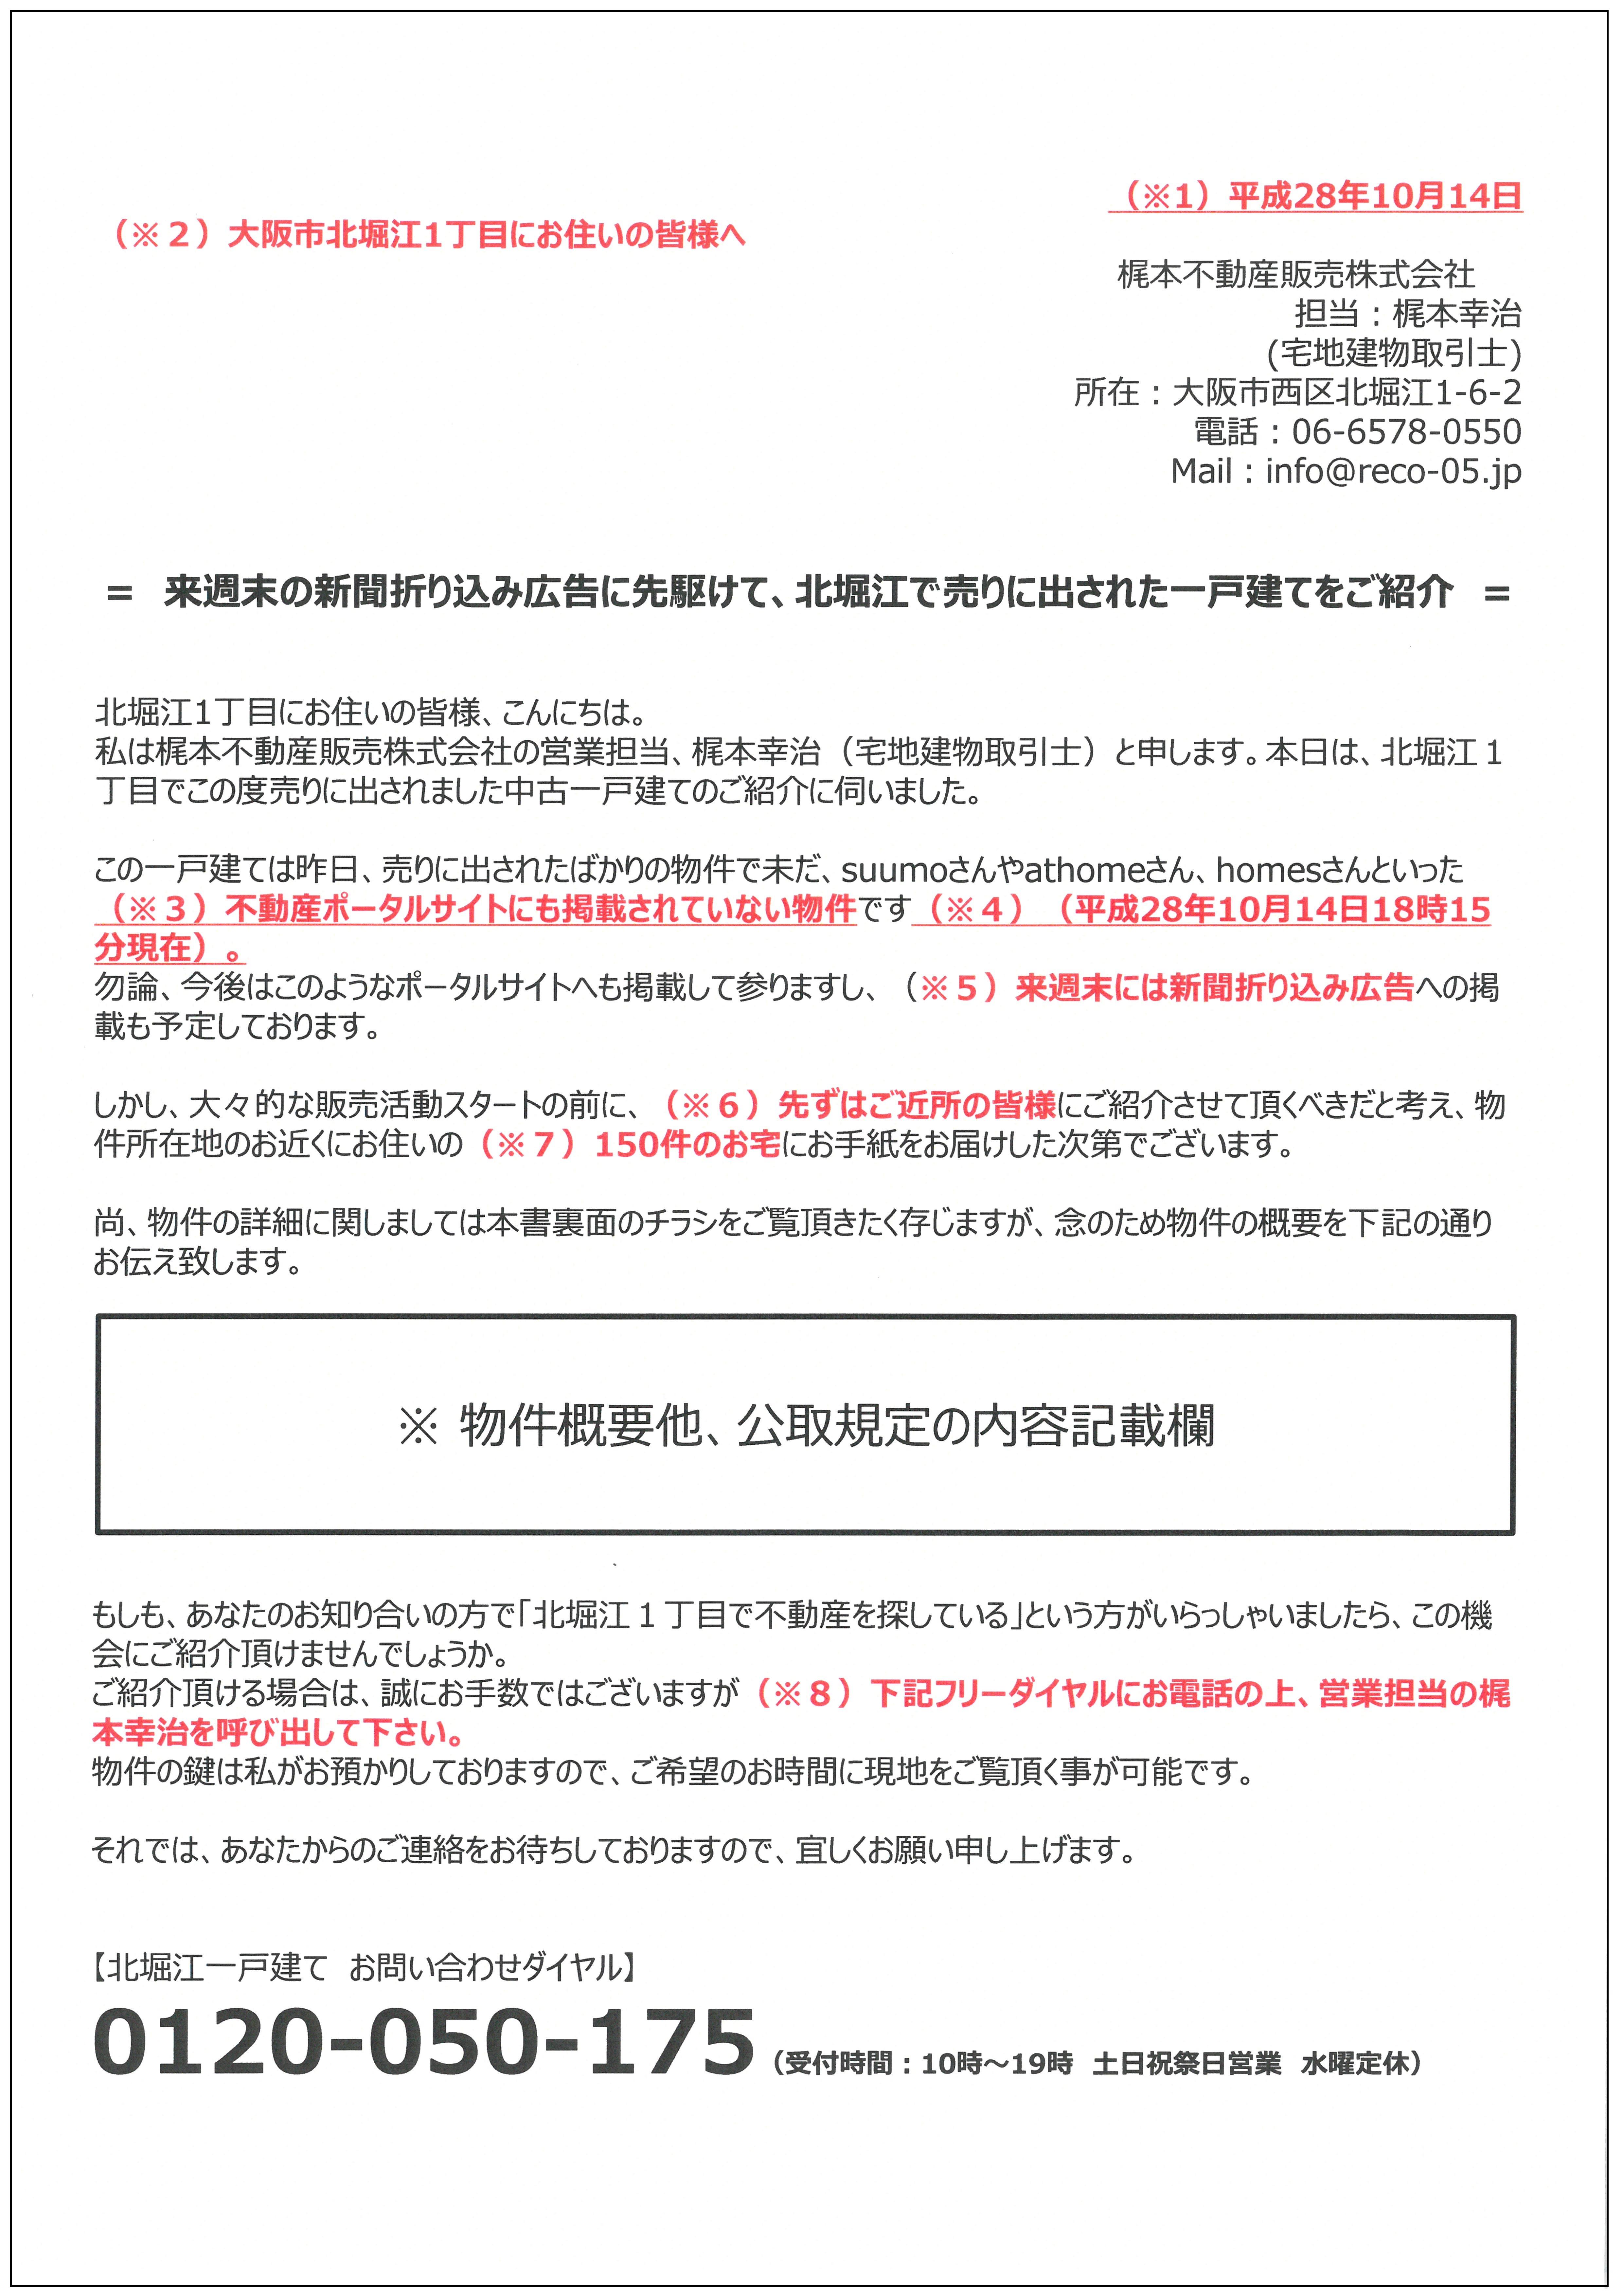 不動産ポスティング広告裏面の記載例|解説編